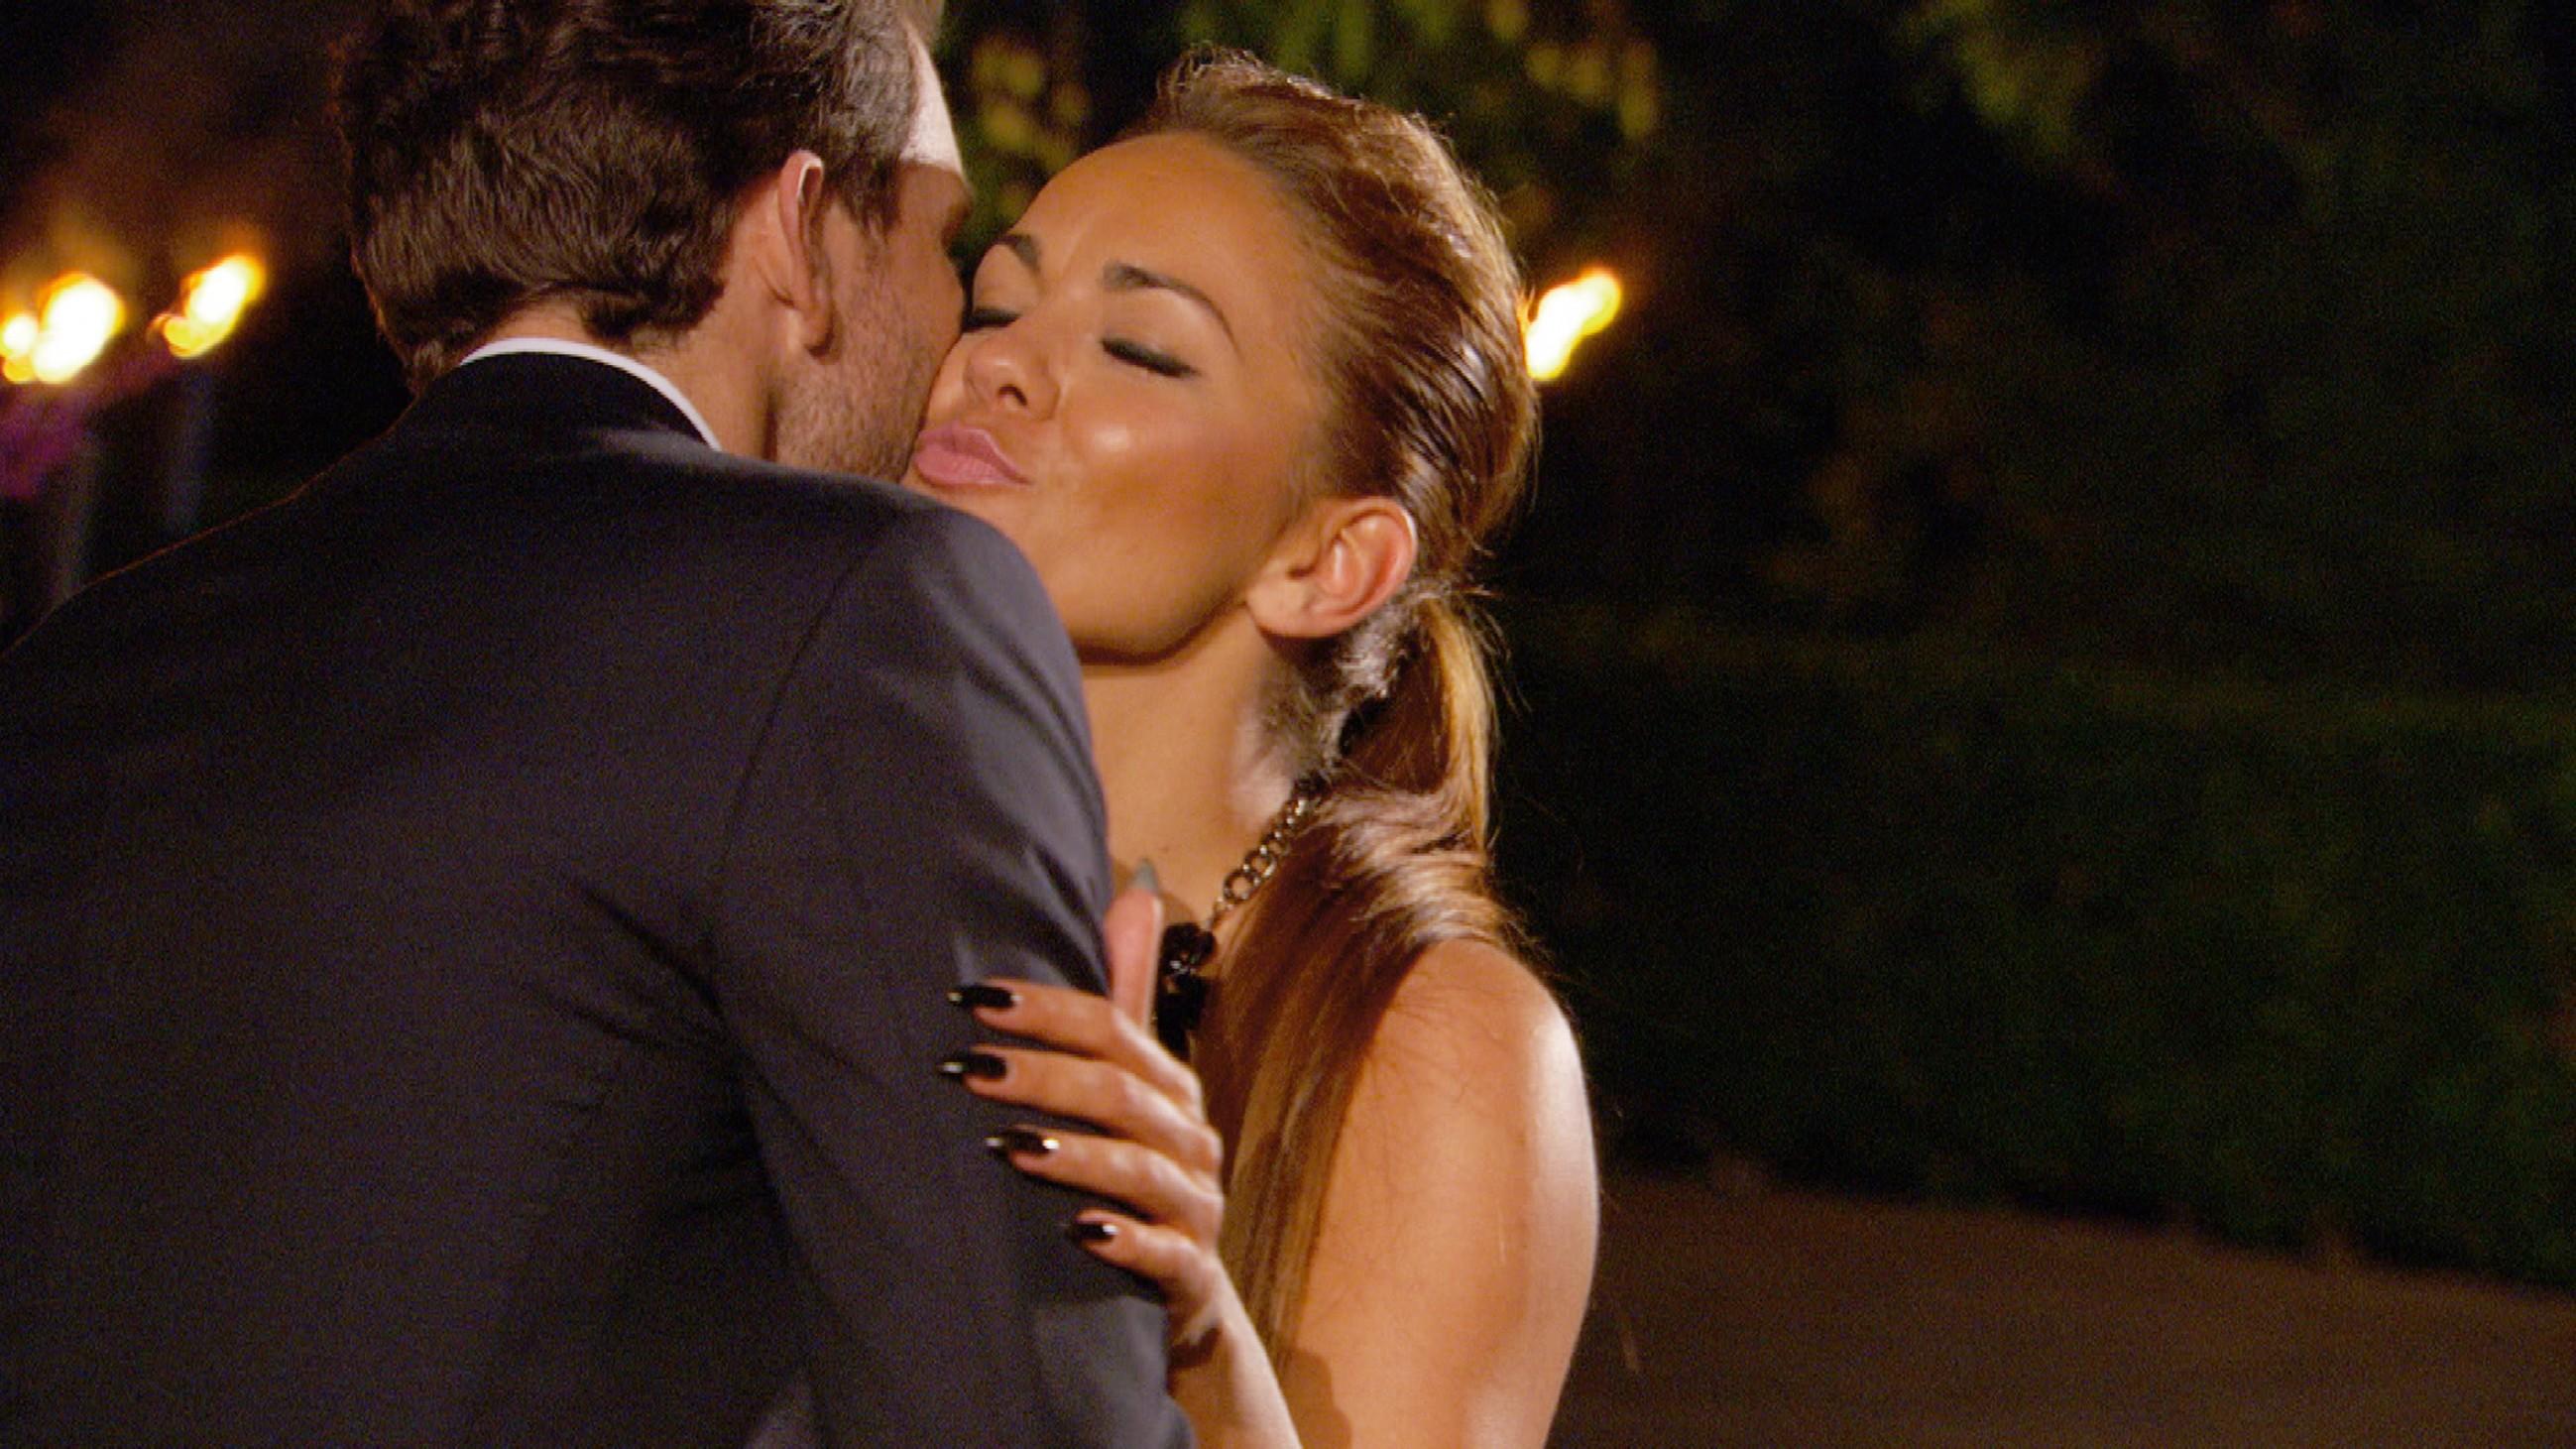 Der Bachelor 2015 - Folge 1 - Lara